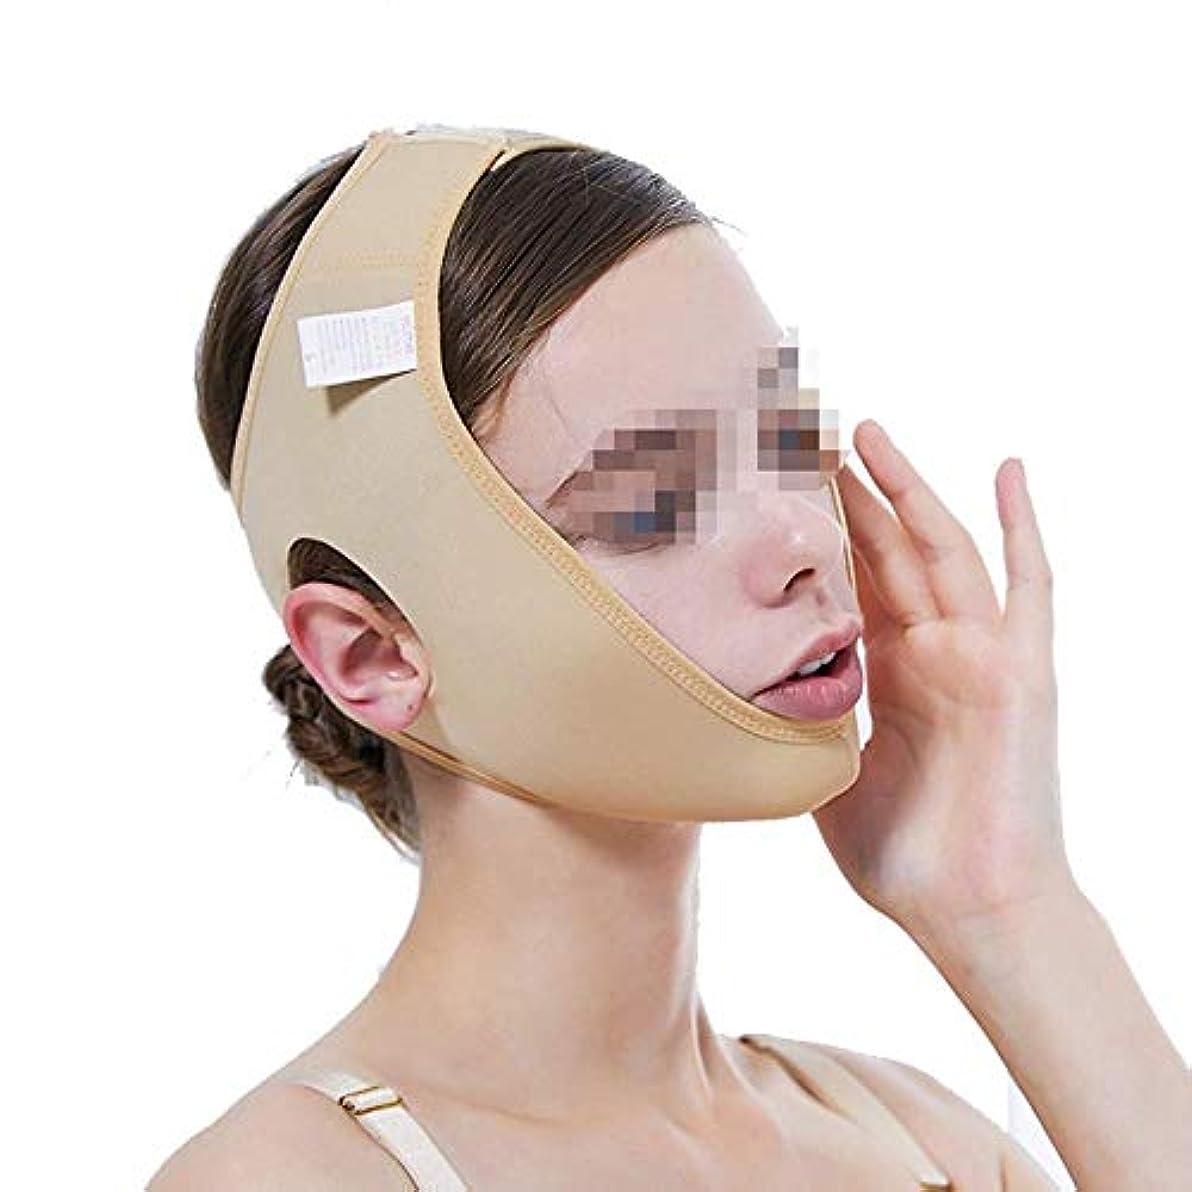 不要のもつれ術後ヘッドギア、薄型ダブルあごVフェイスビームフェイスジョーセットフェイスマスクマルチサイズオプション(サイズ:XS),L